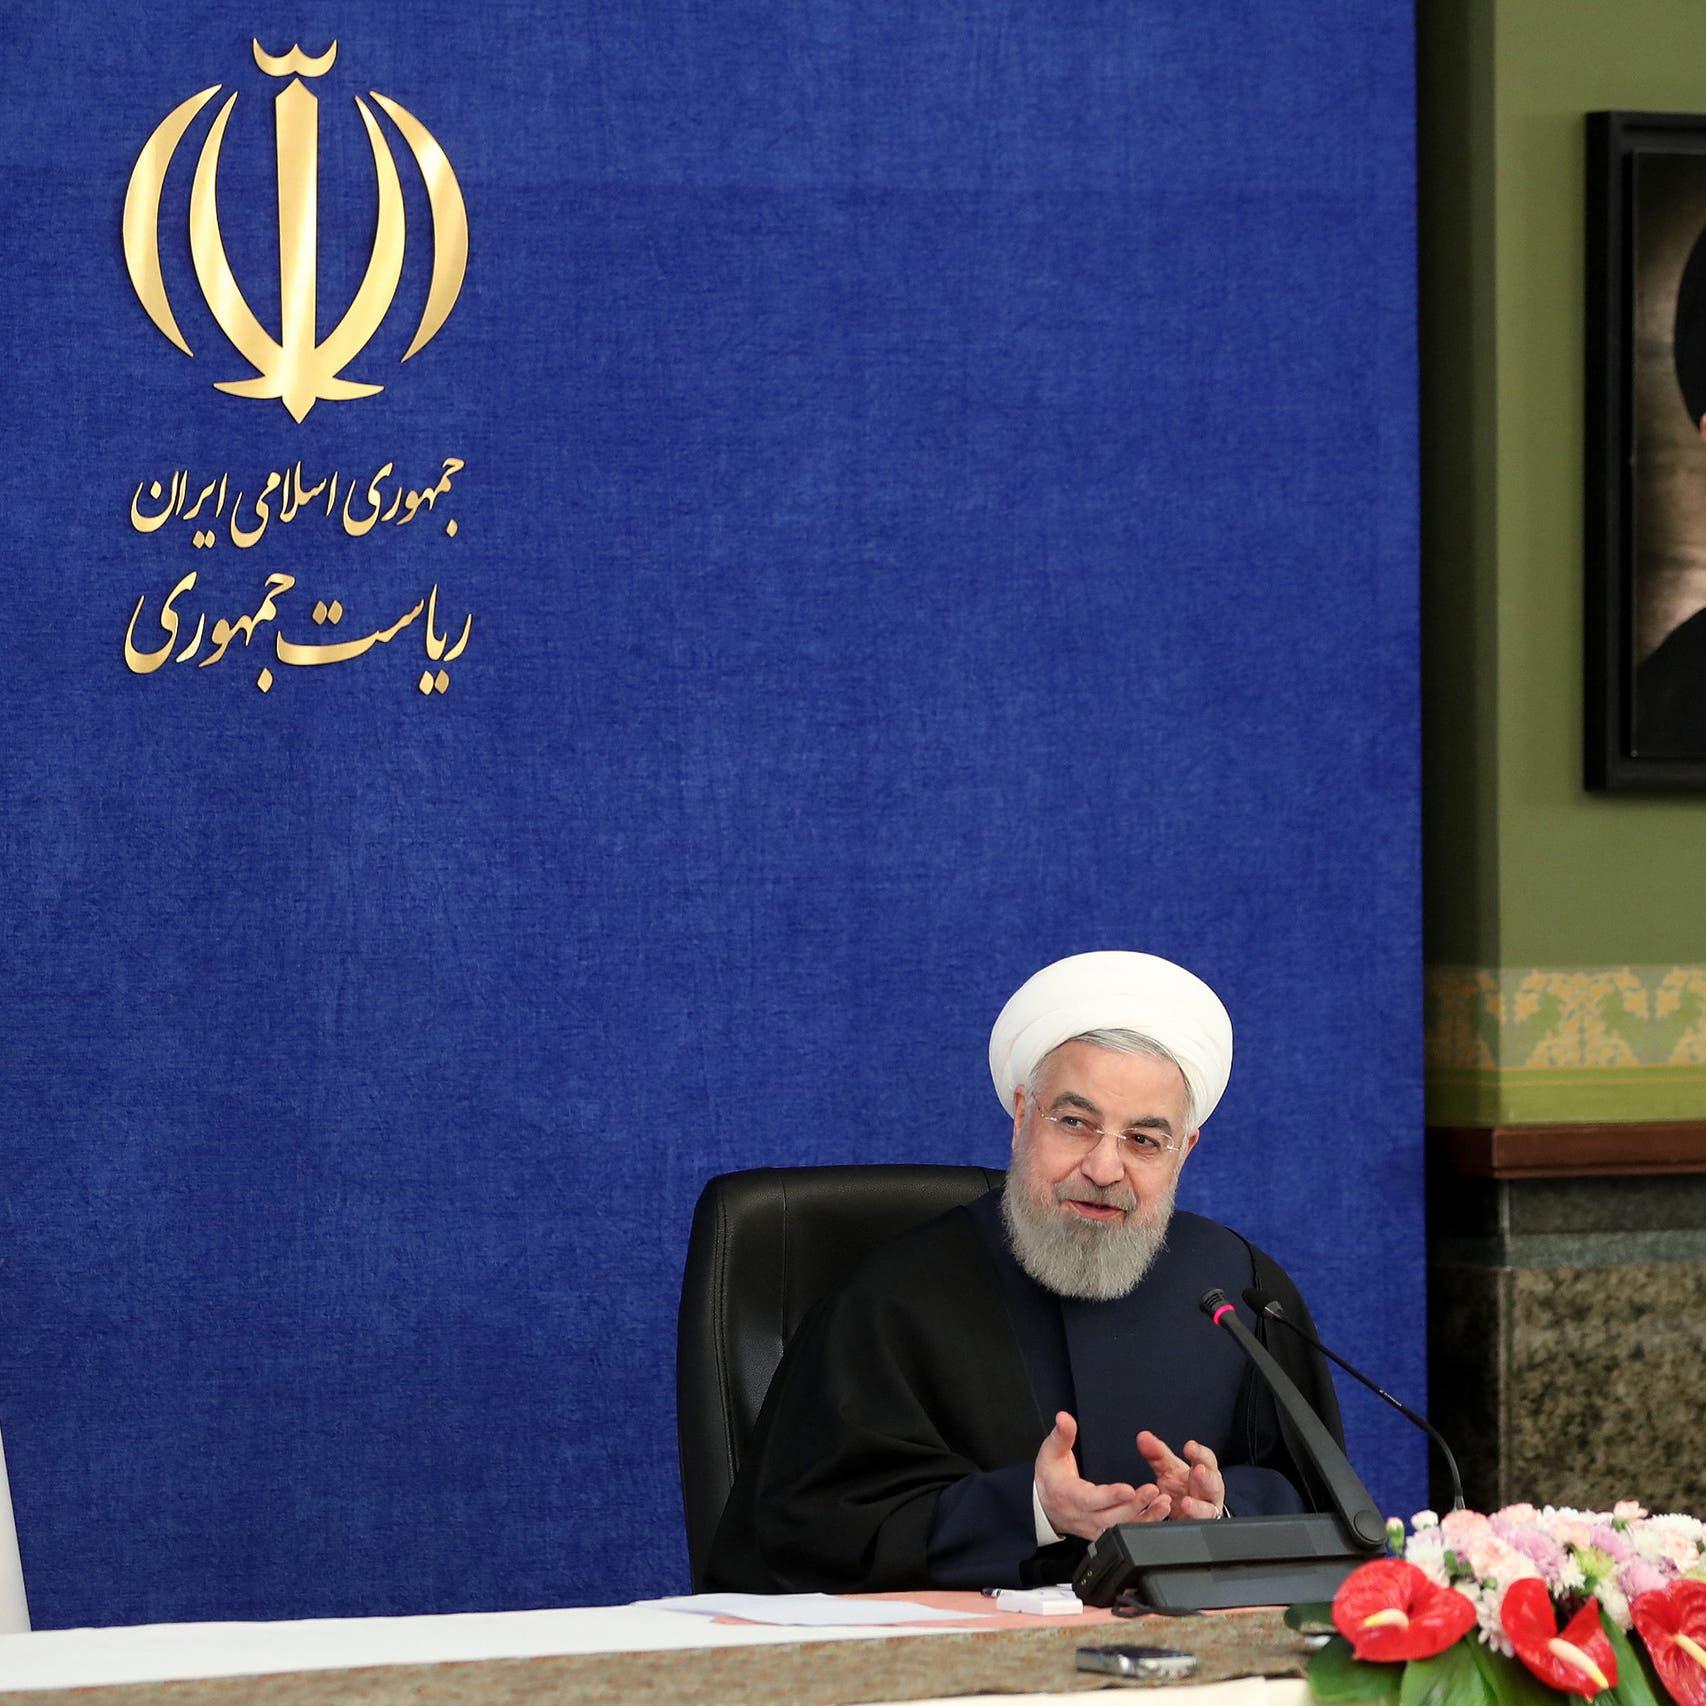 روحاني: سنواصل محادثات فيينا حتى التوصل لاتفاق